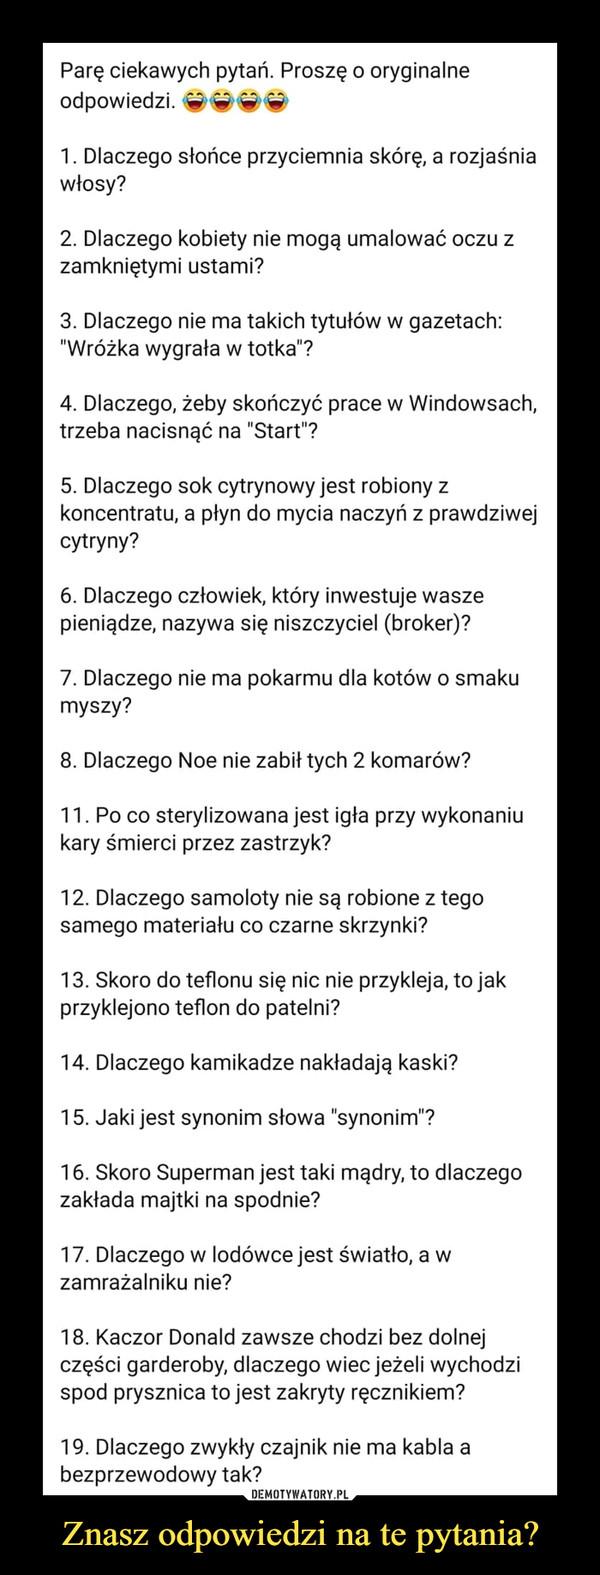 Znasz odpowiedzi na te pytania?